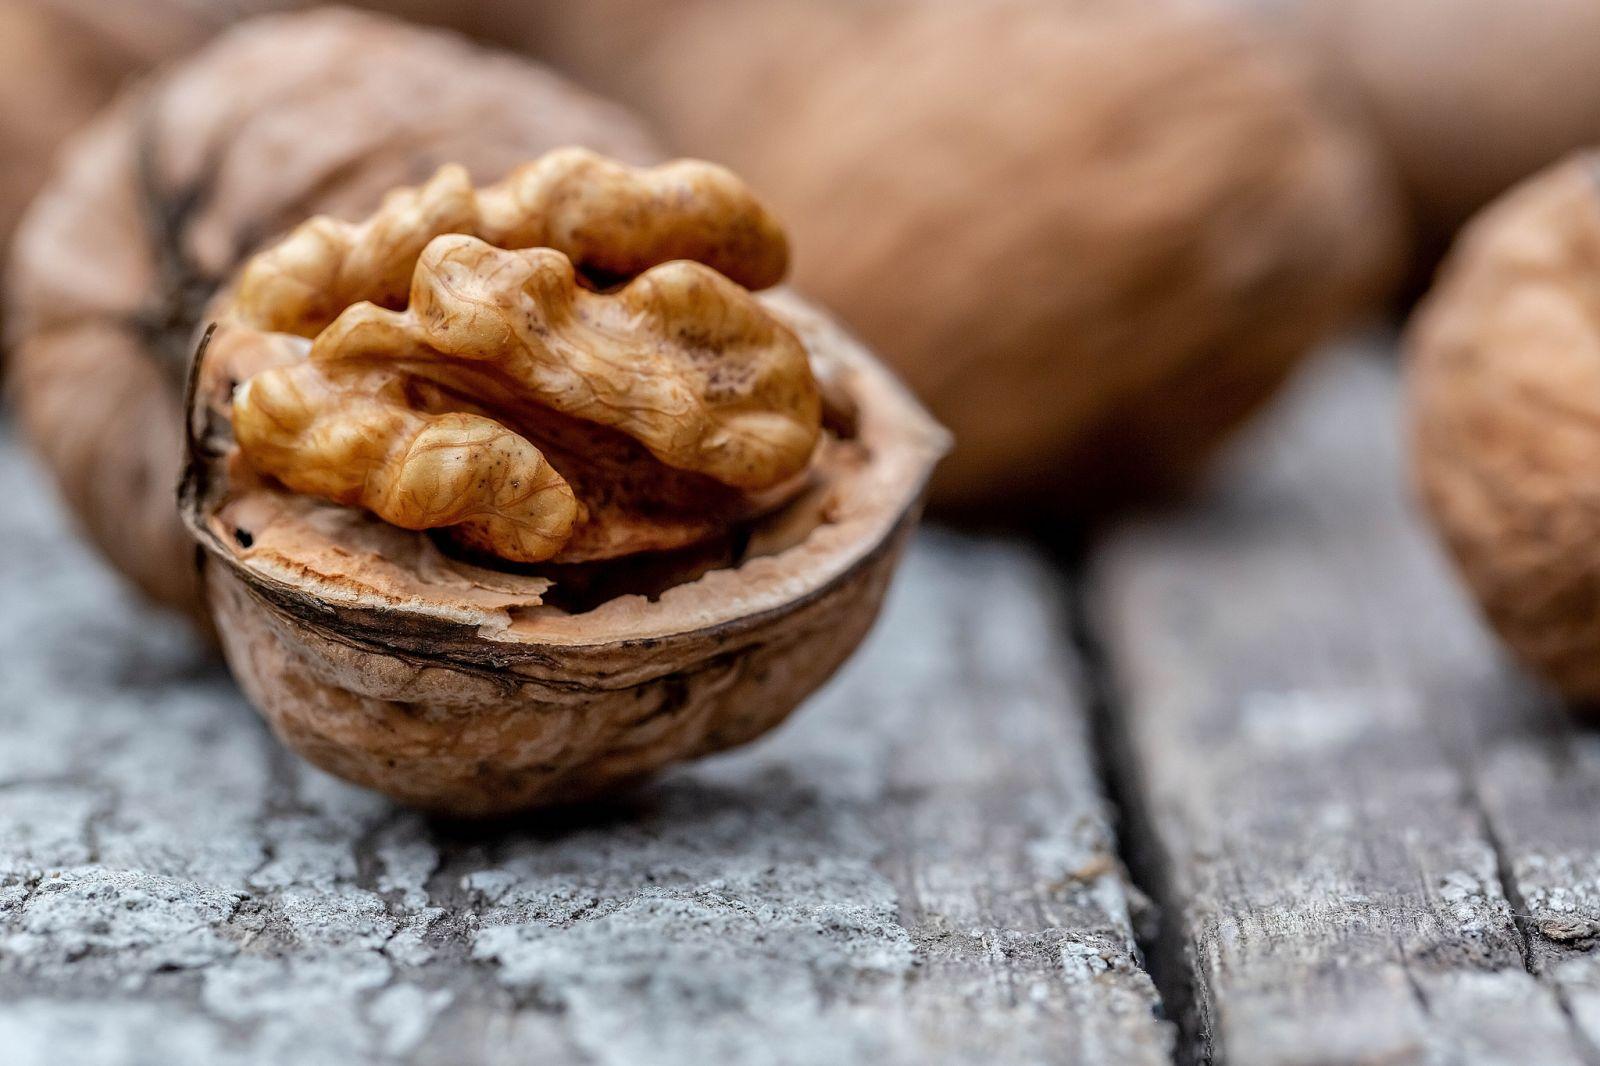 Витамины при неврологических заболеваниях. Грецкий орех. Фото: Marco Verch / Flickr